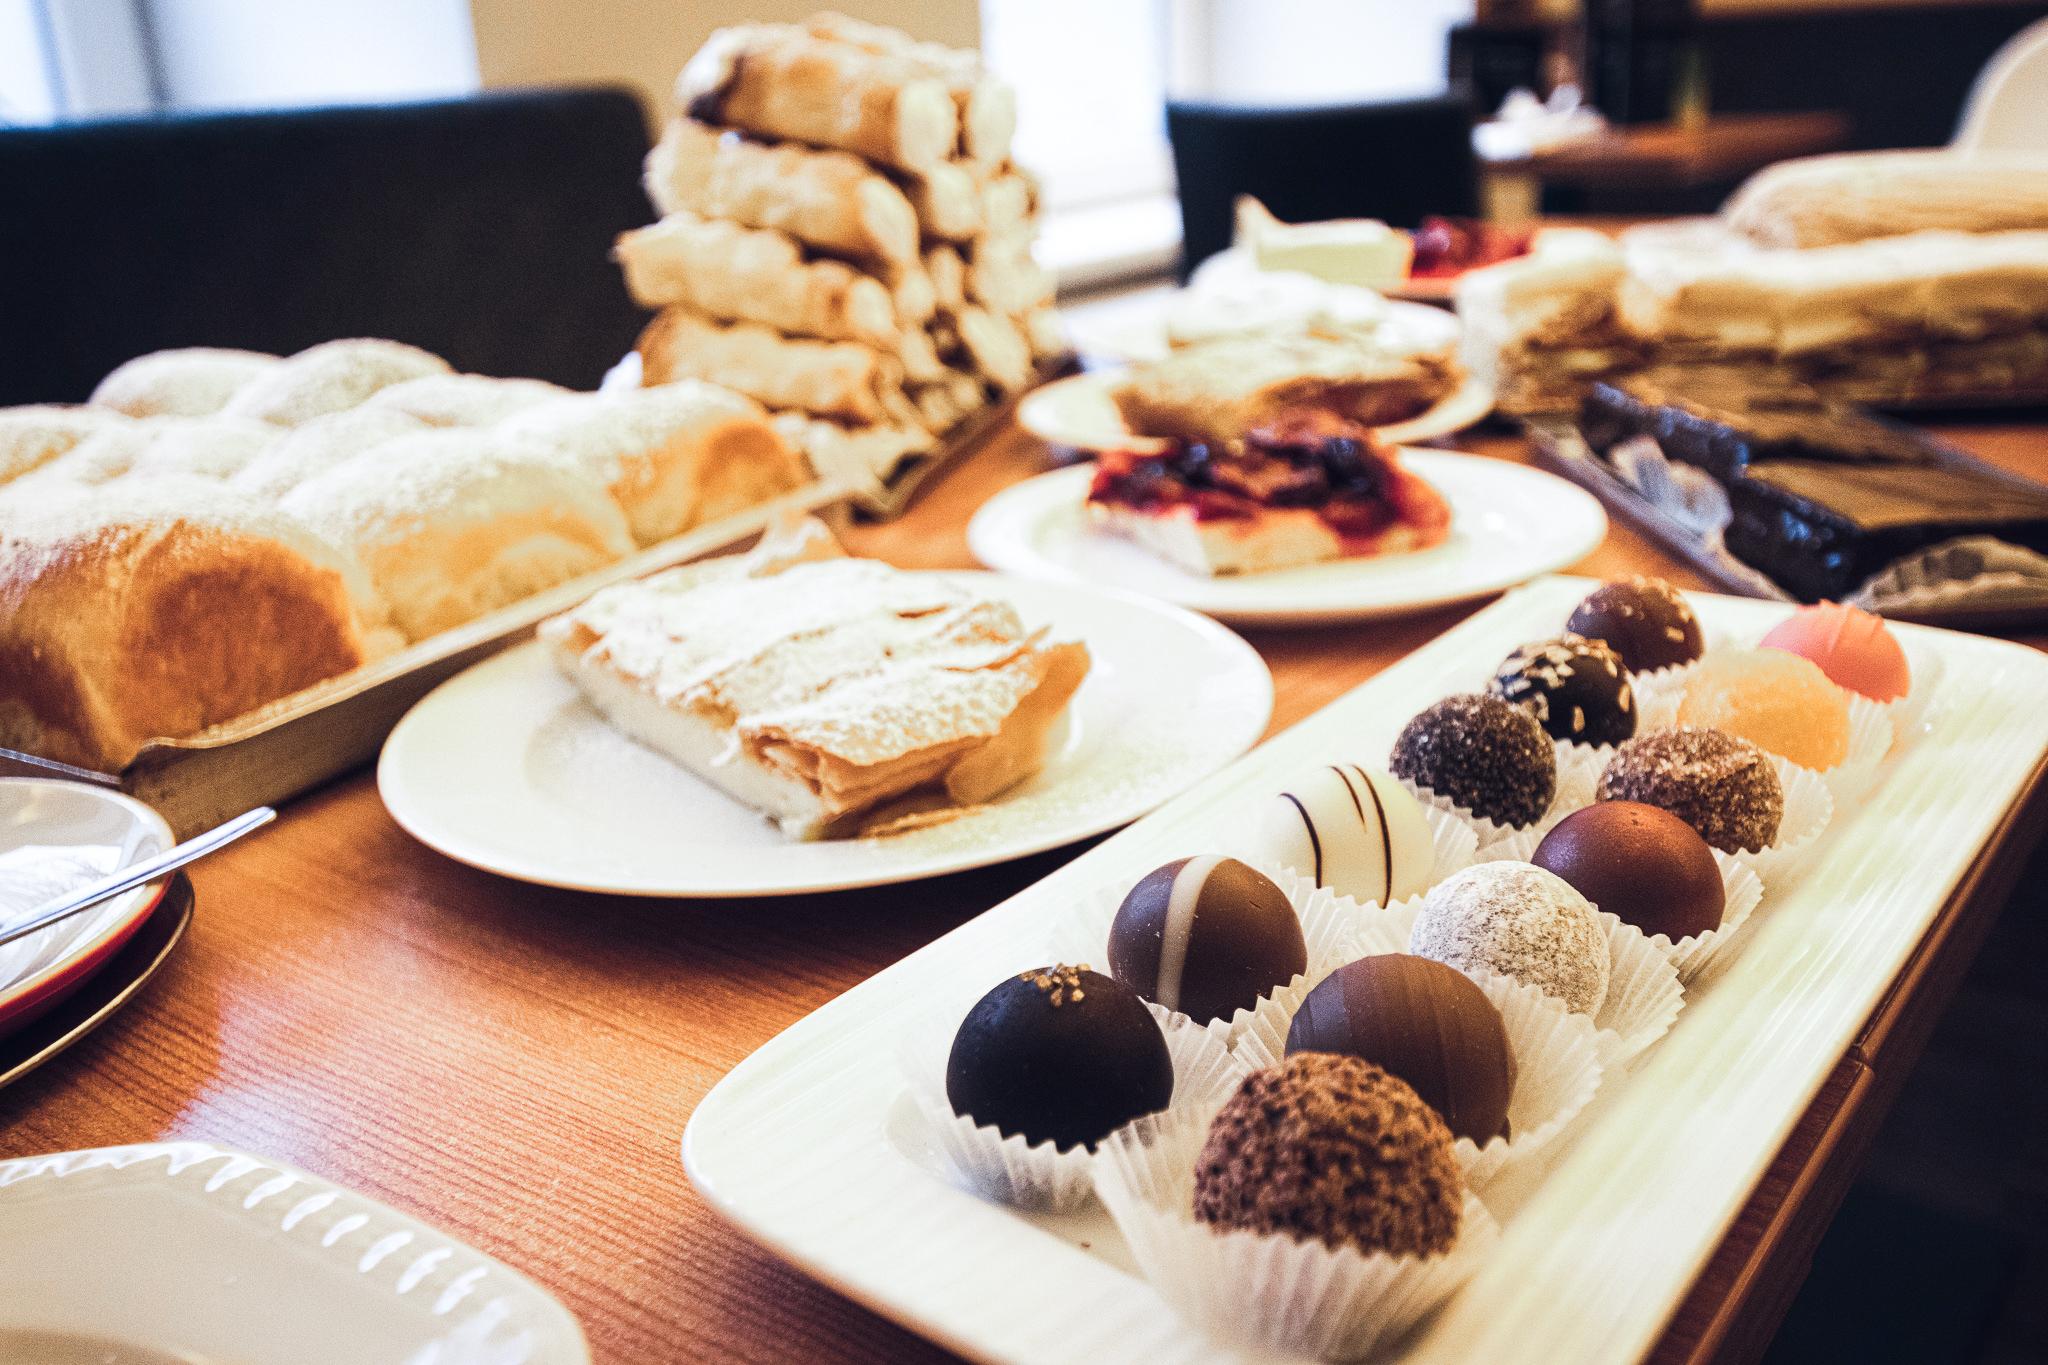 Mehlspeise Süßspeisen Cafe Konditorei Wien Tradition